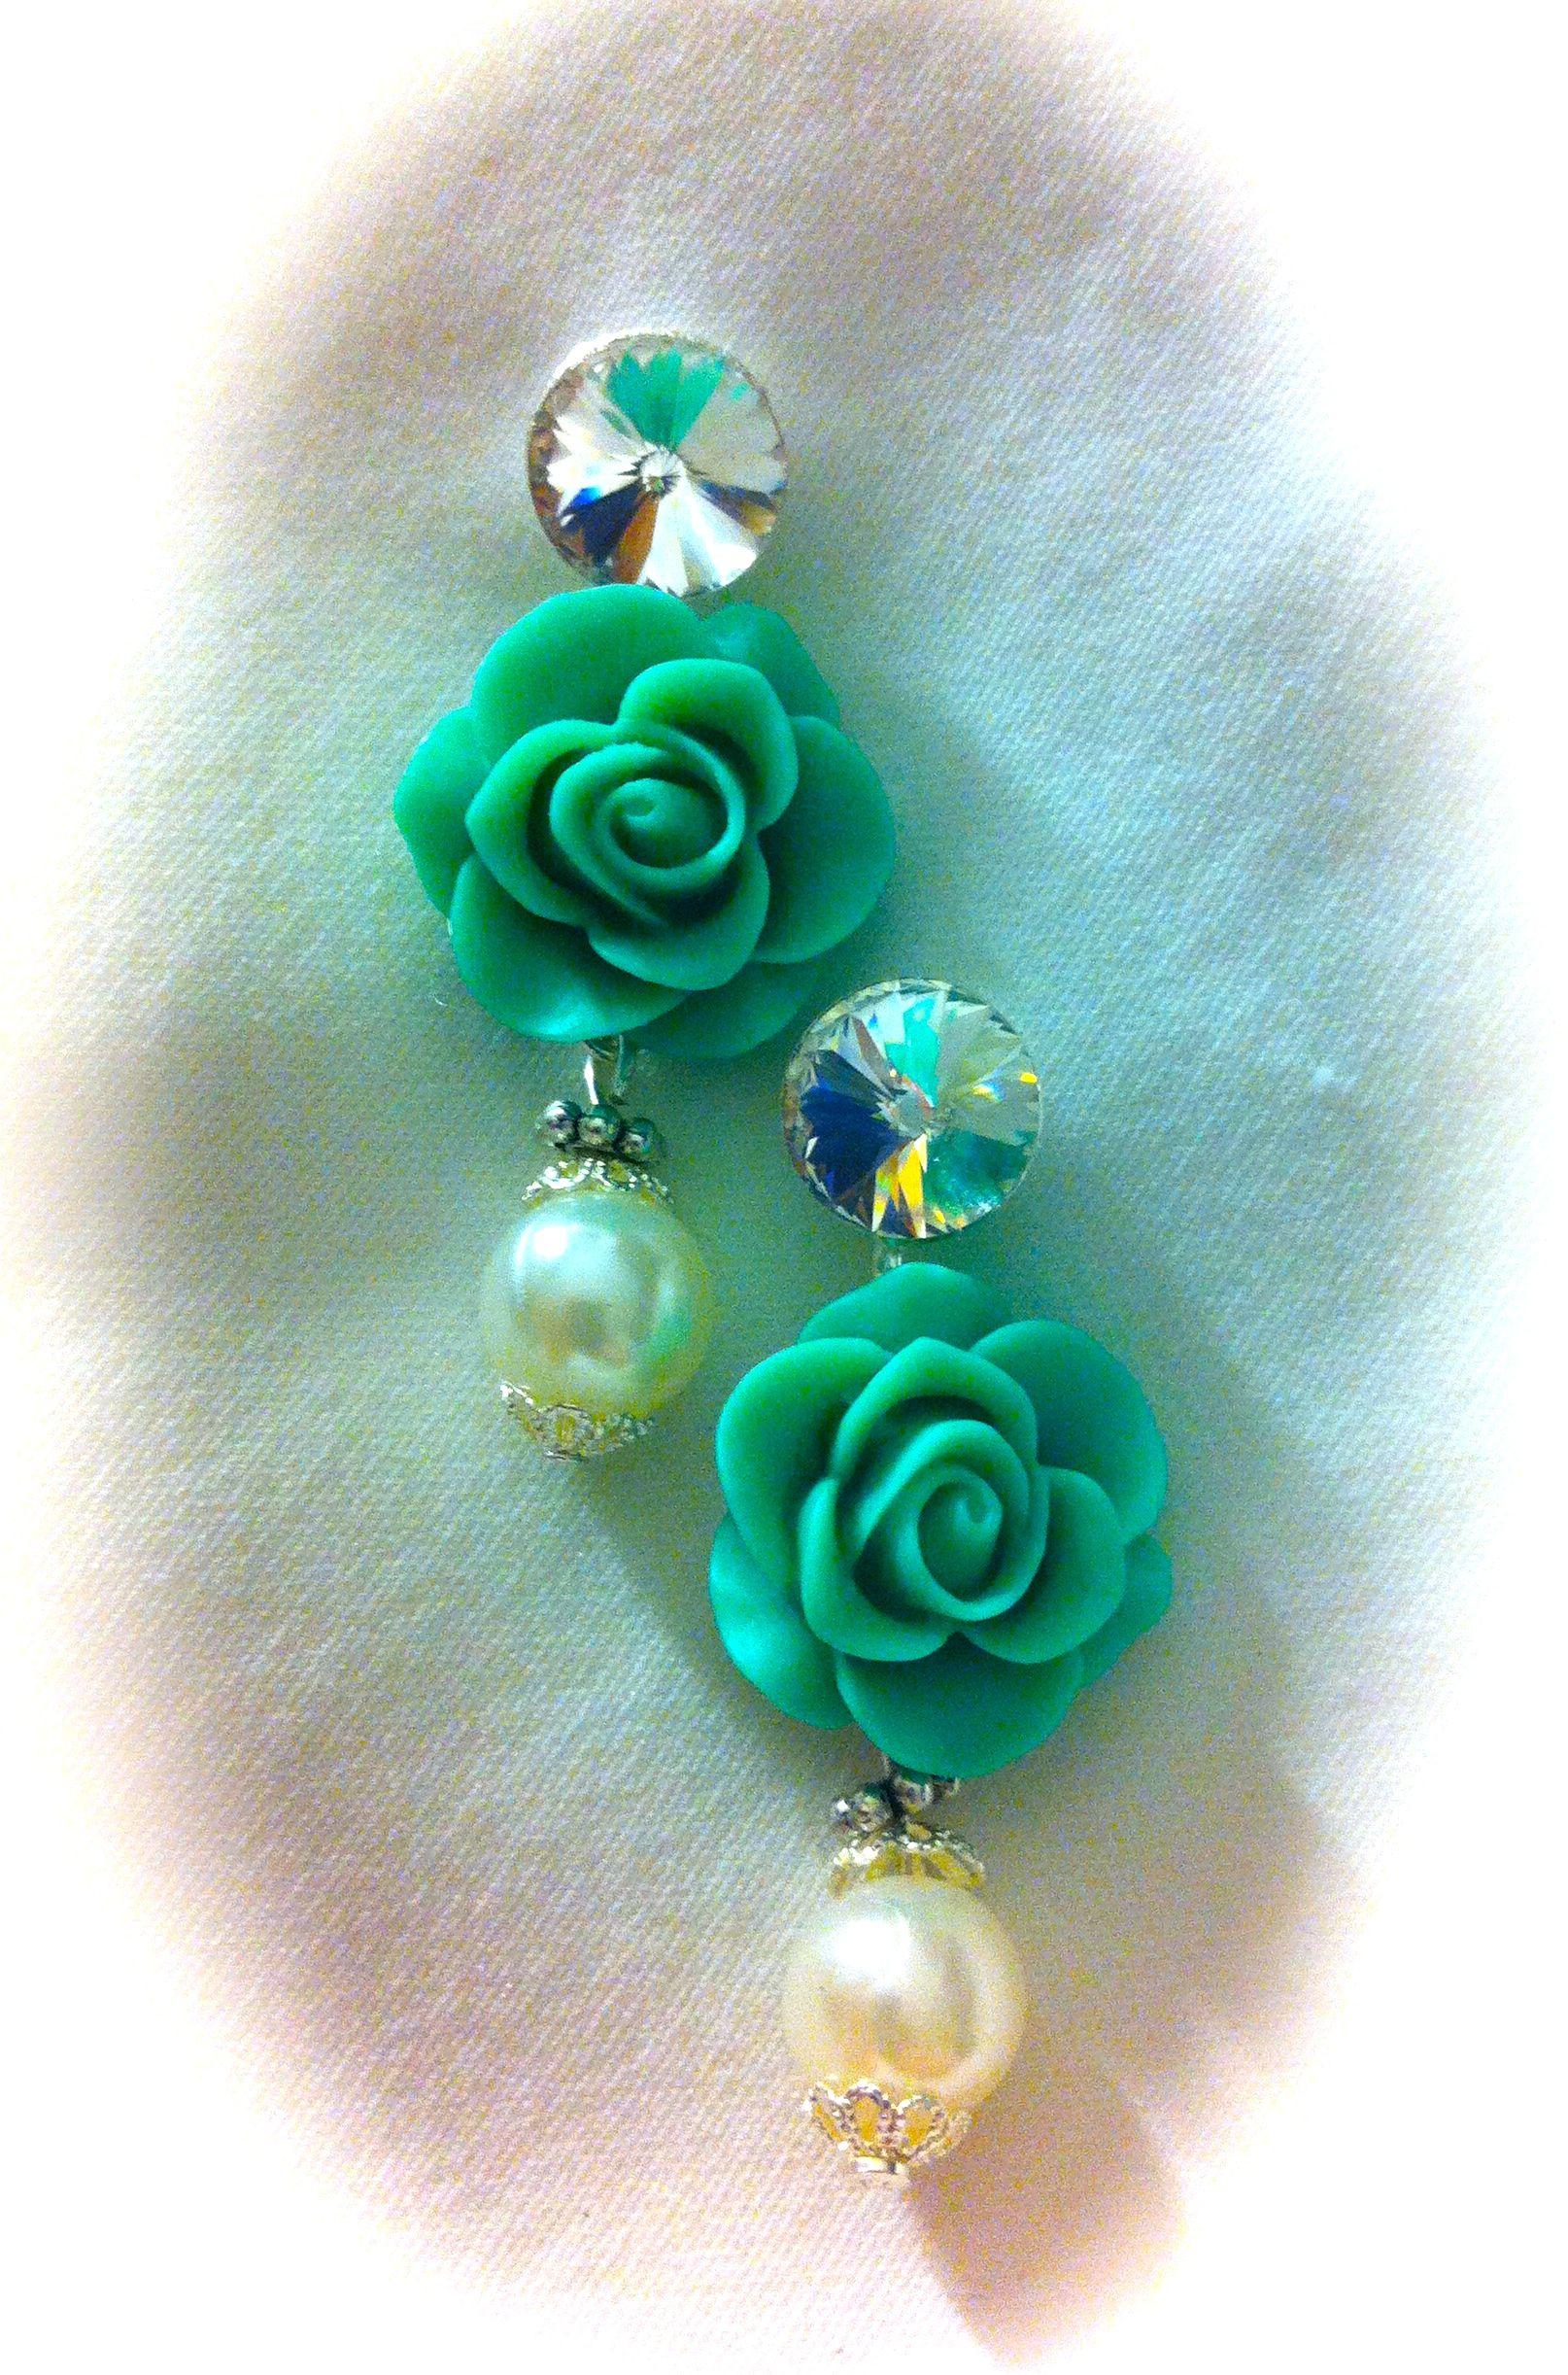 Pendientes Vintage, con 2 rosas color turquesas, swarosvkis de 12mm y perlas blancas de cristal con embellecedores metálicos. 10€